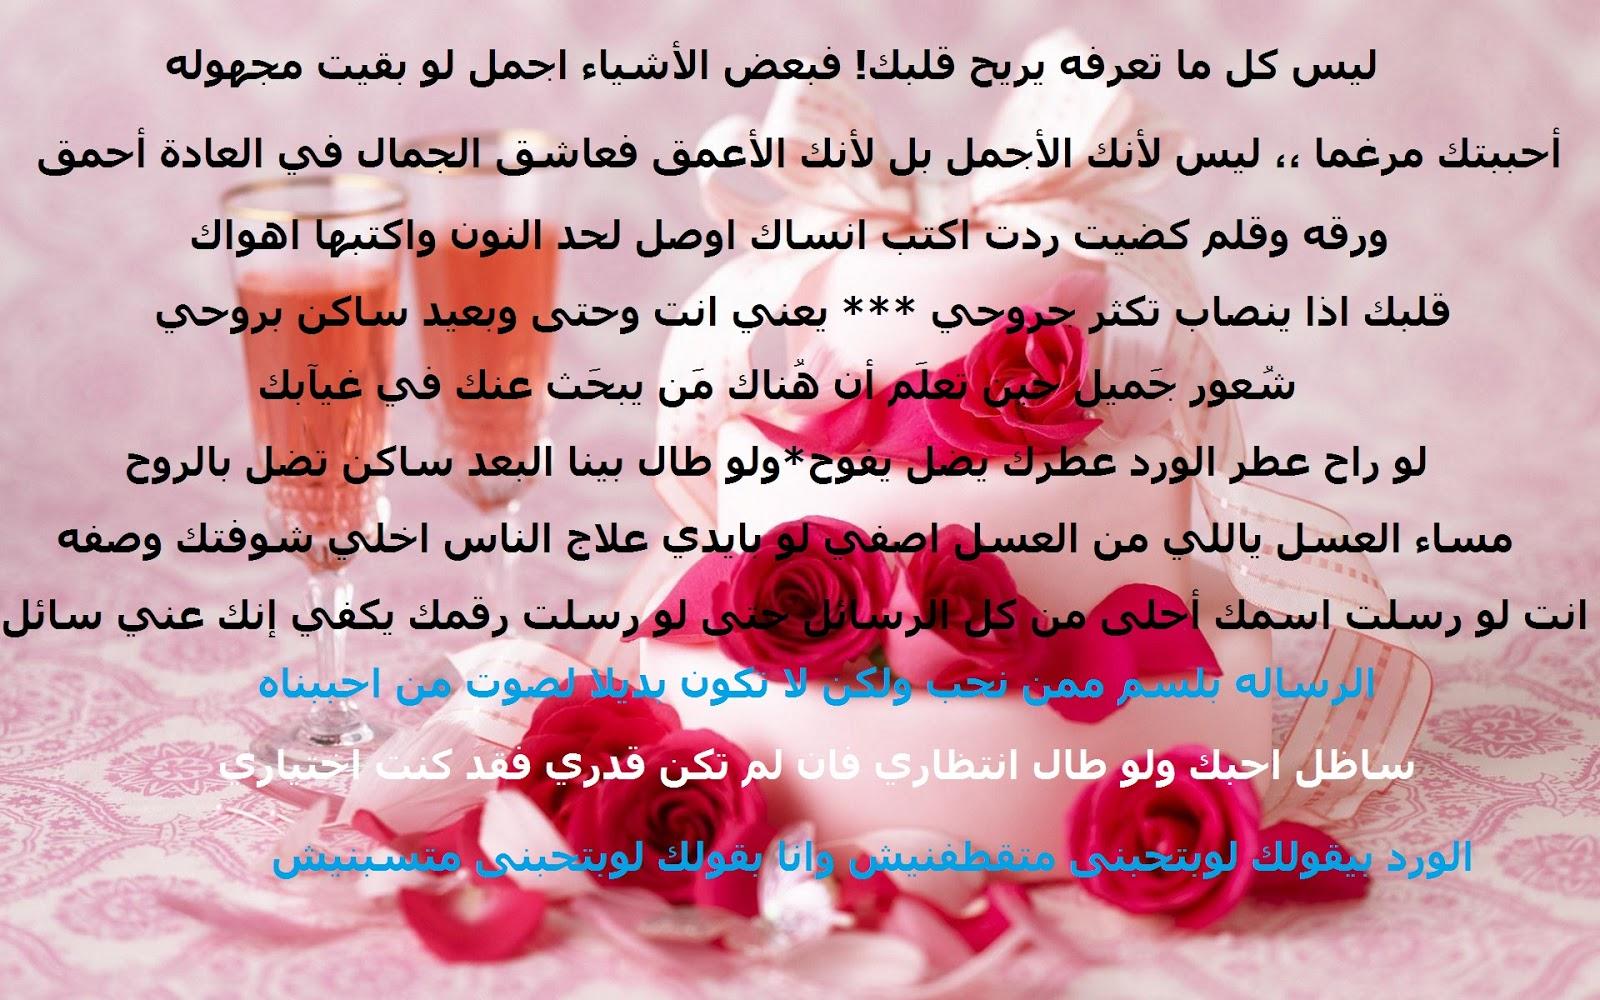 بالصور رسالة الى صديقتي , بالصور اجمل رساله الى اعز صديقه 3369 17